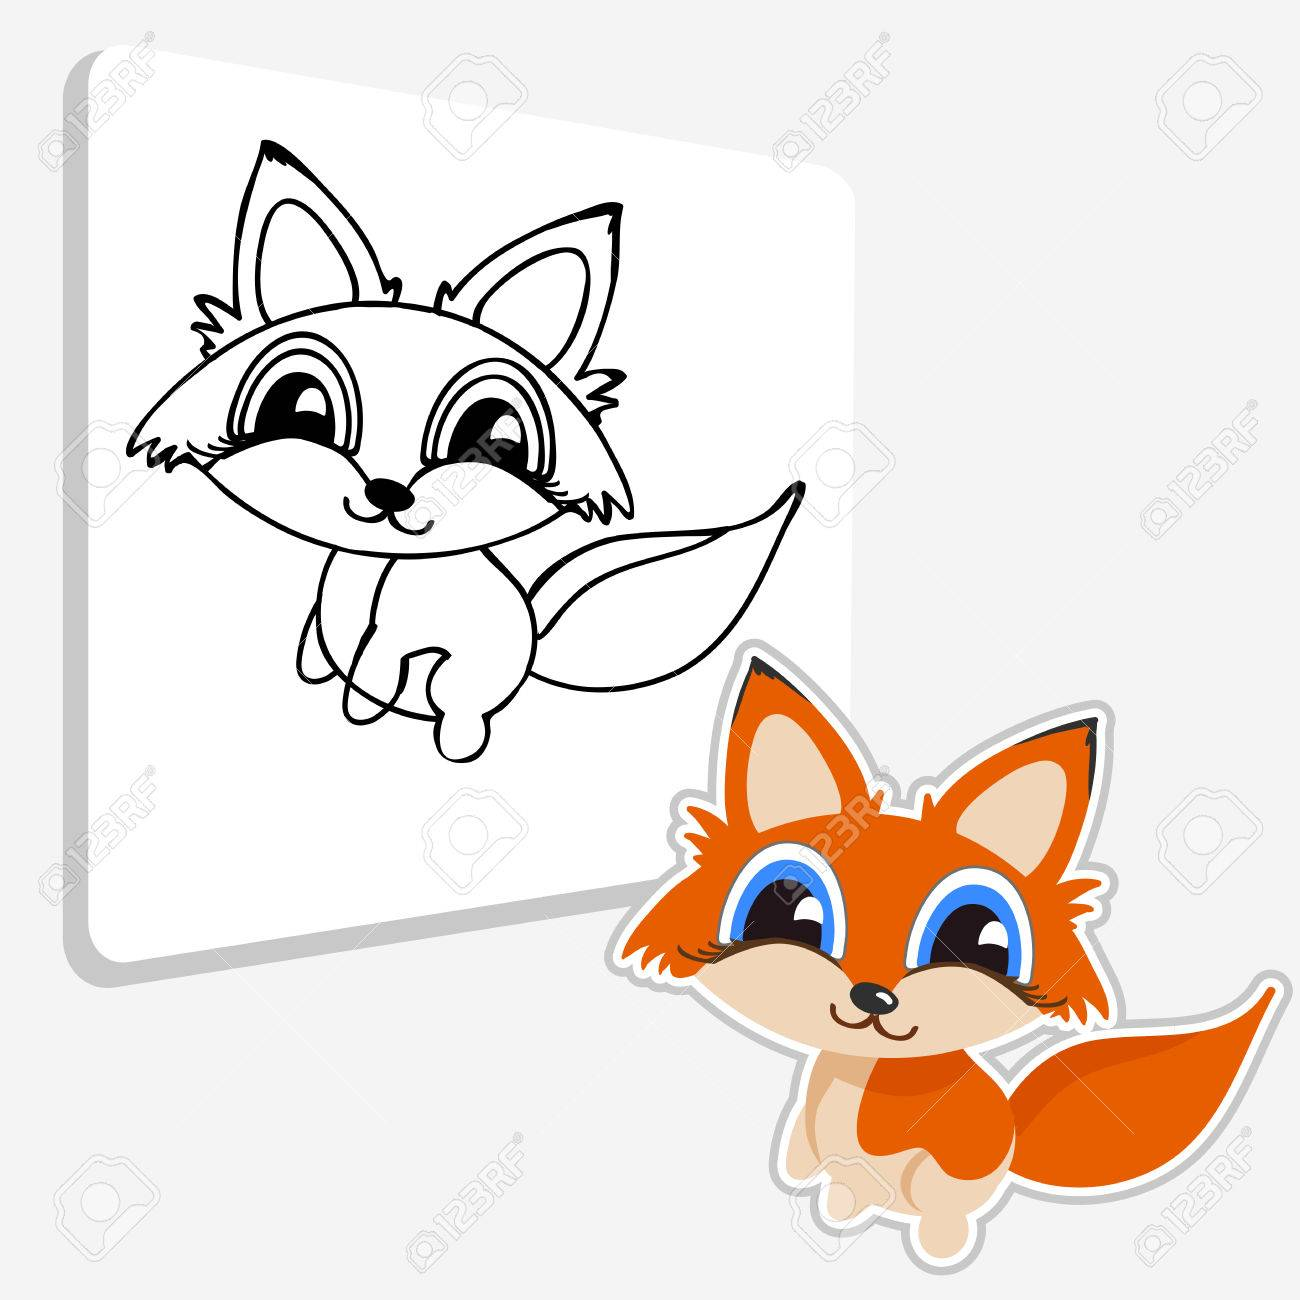 Malvorlagen. BabyFox Malvorlagen. Stellen Sie Die Bild Innerhalb Der ...